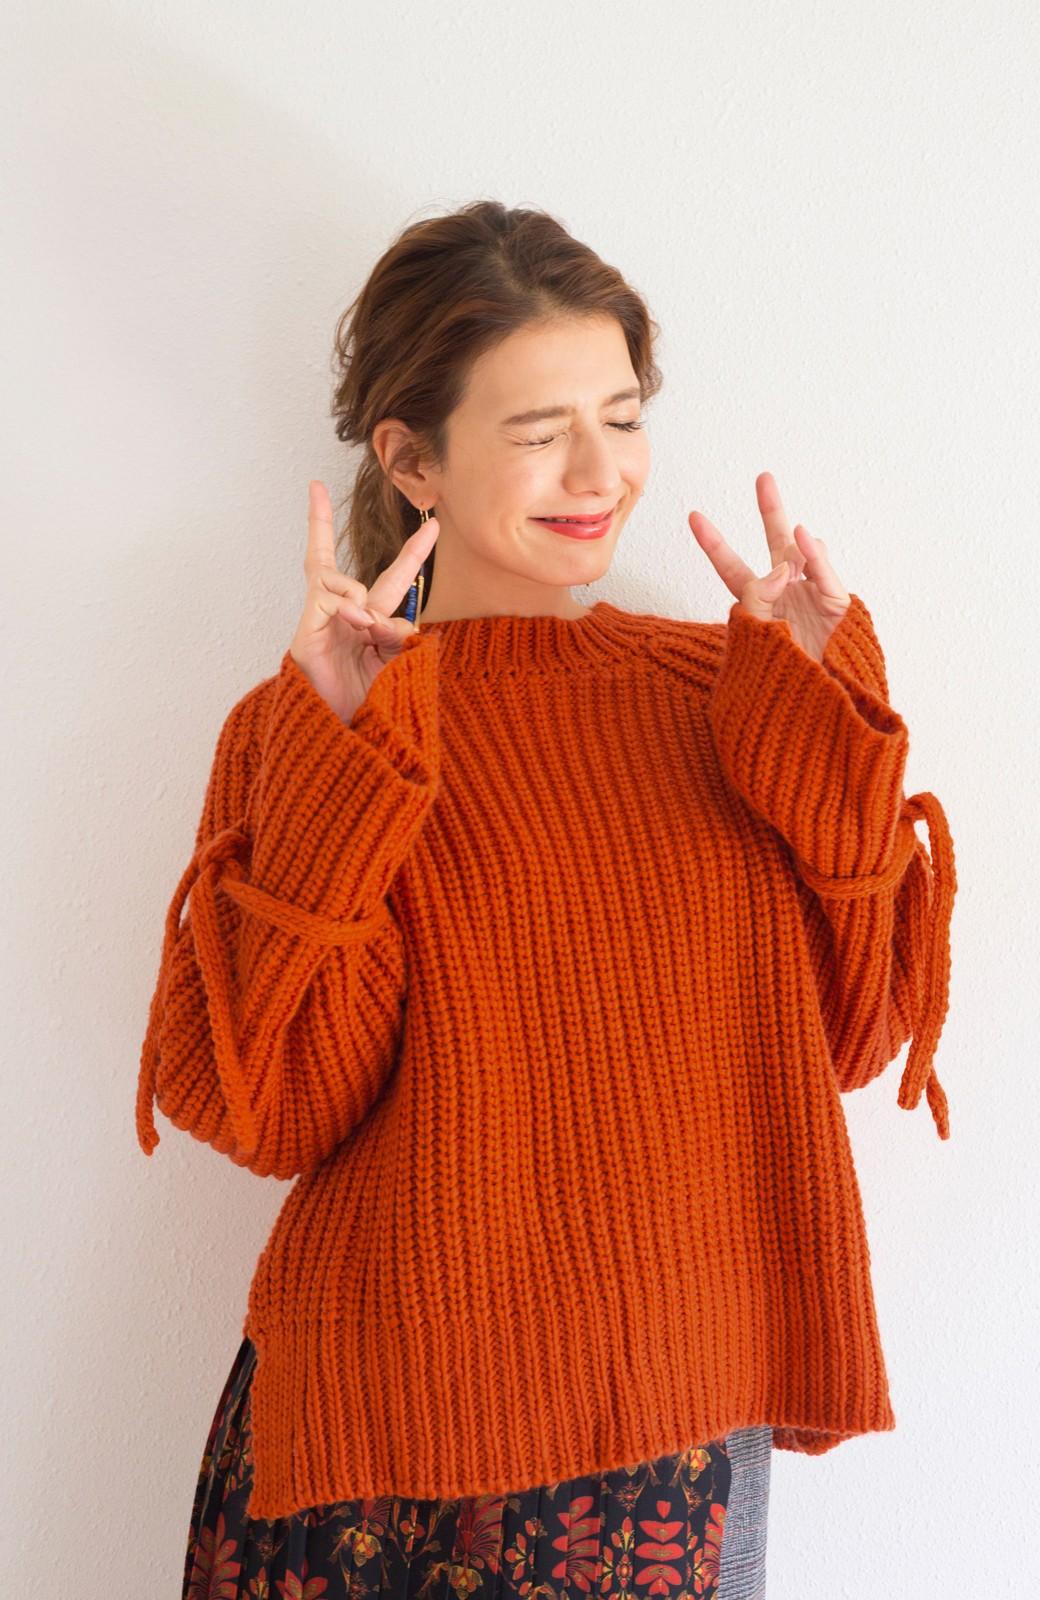 haco! <スザンヌさんコラボ>ラブ&ピースプロジェクト 袖リボンポイントの片畦編みニットトップス <オレンジ>の商品写真5